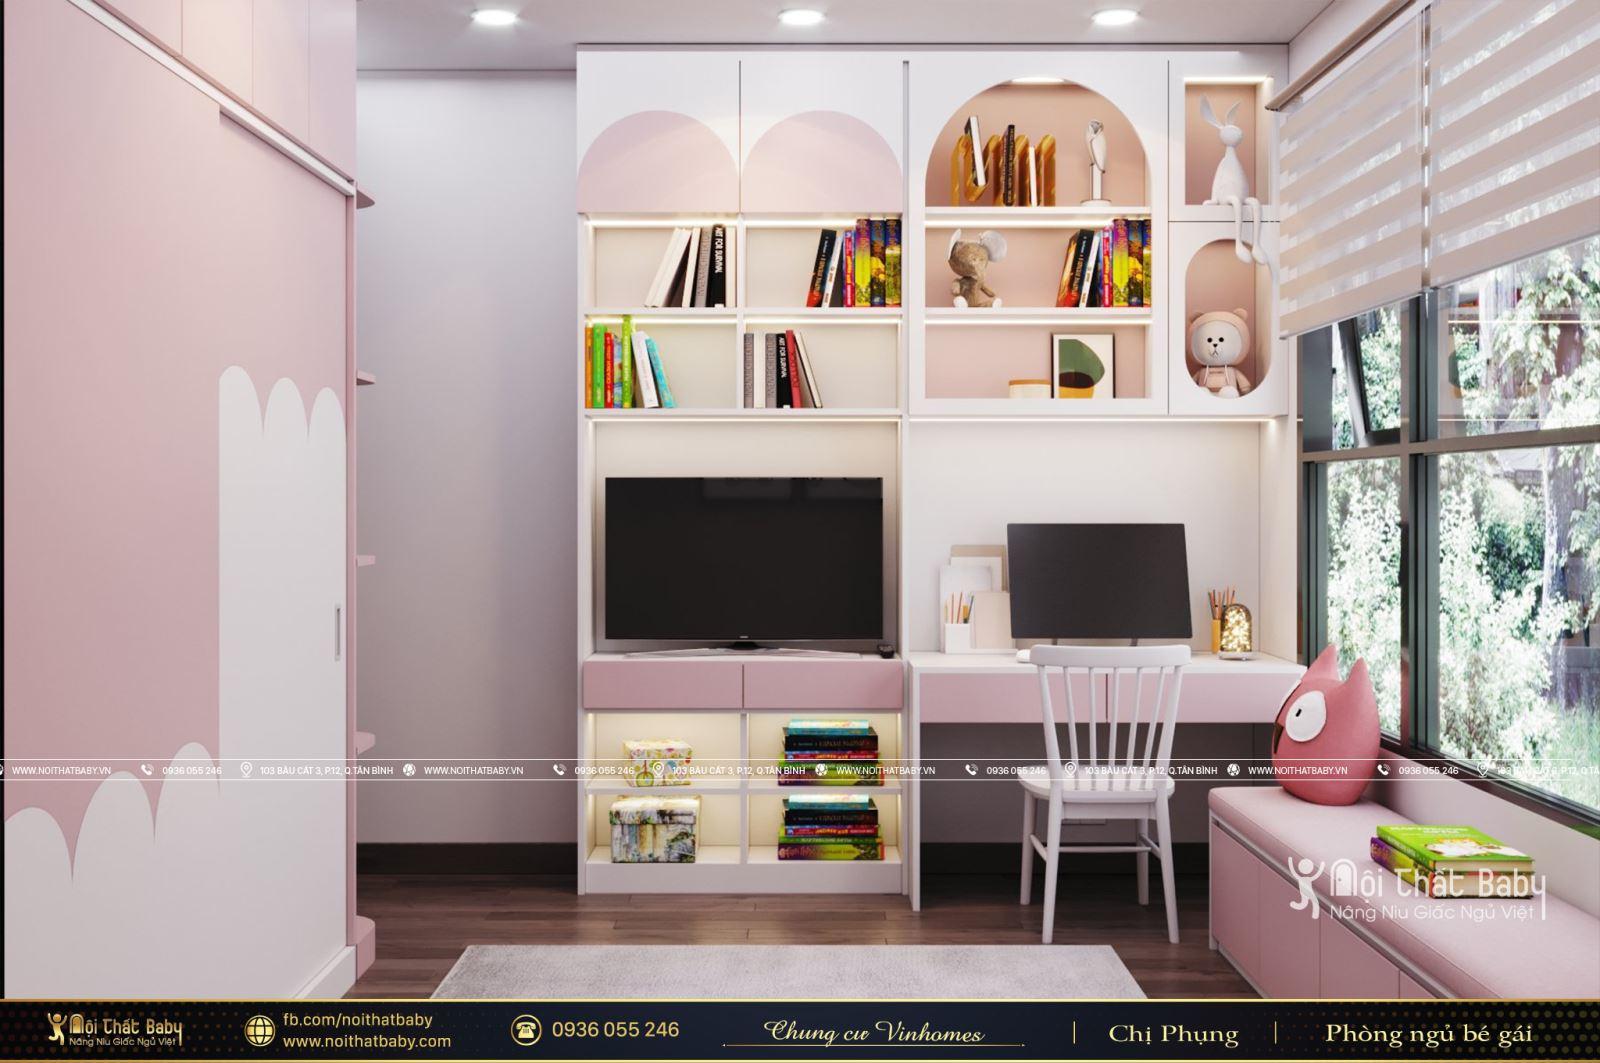 Thiết kế phòng ngủ bé gái màu hồng